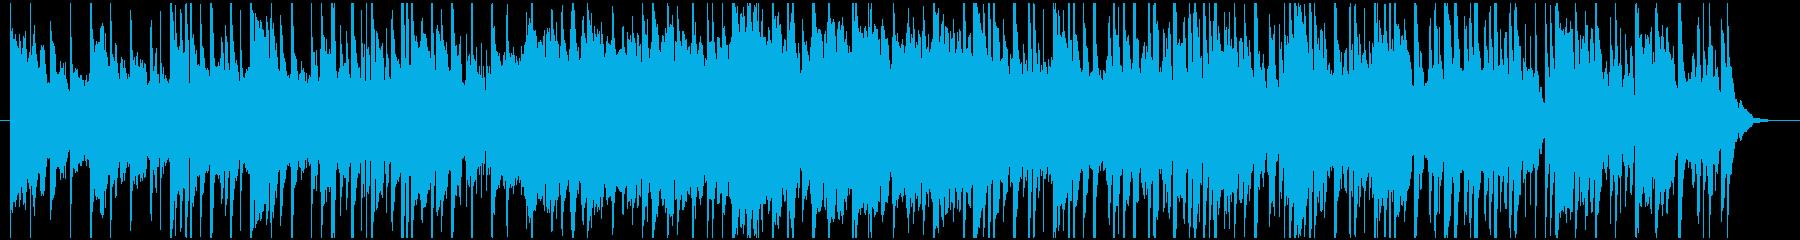 和風・アジアンテイストで穏やかな背景音楽の再生済みの波形